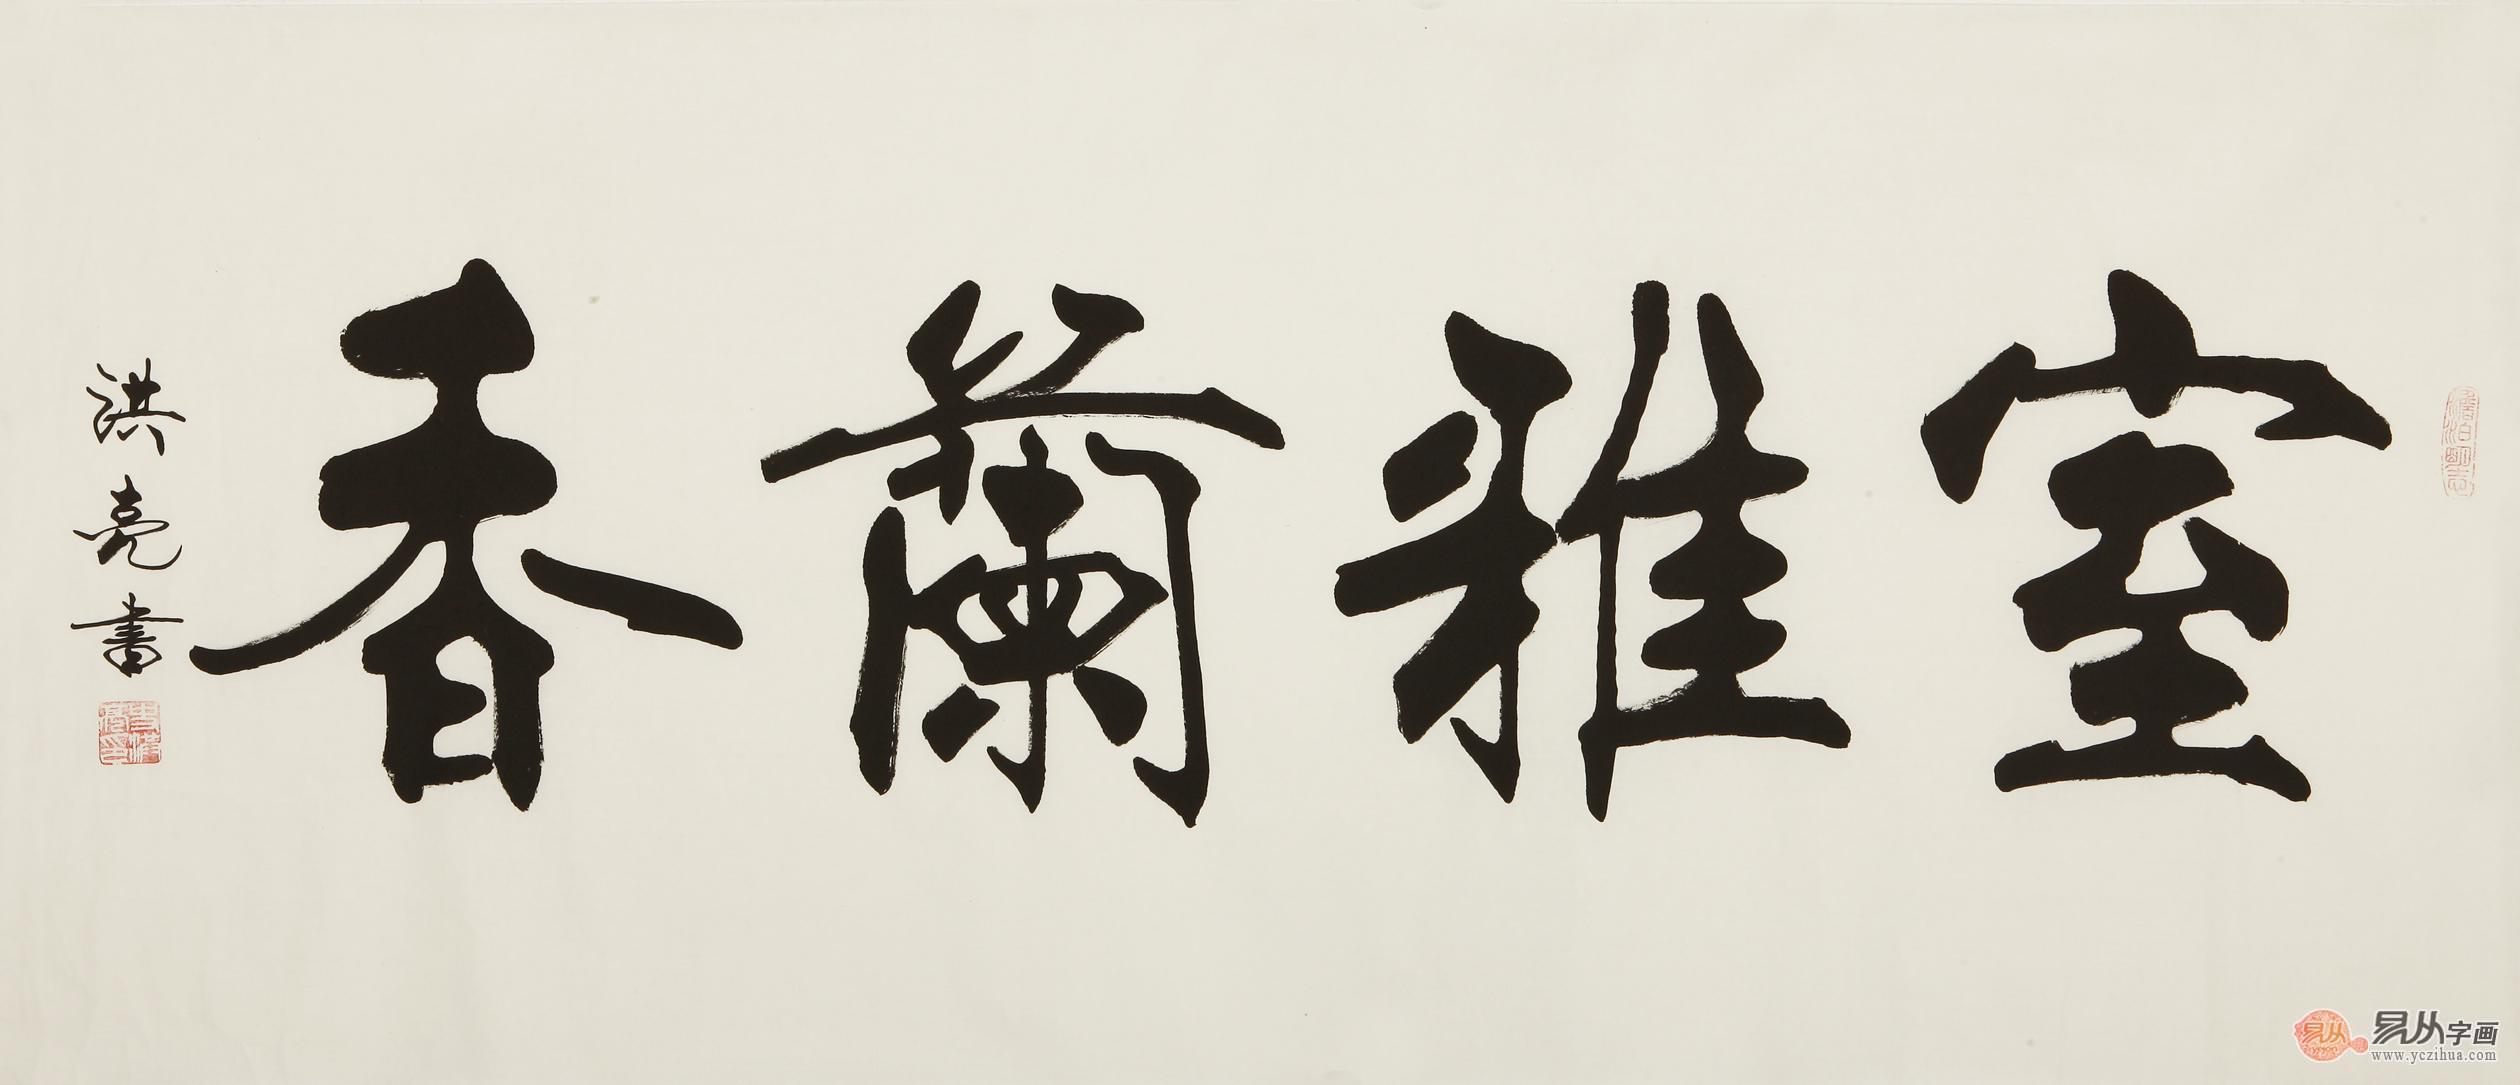 史洪亮四尺横幅书法作品《室雅兰香》-室雅兰香书法欣赏